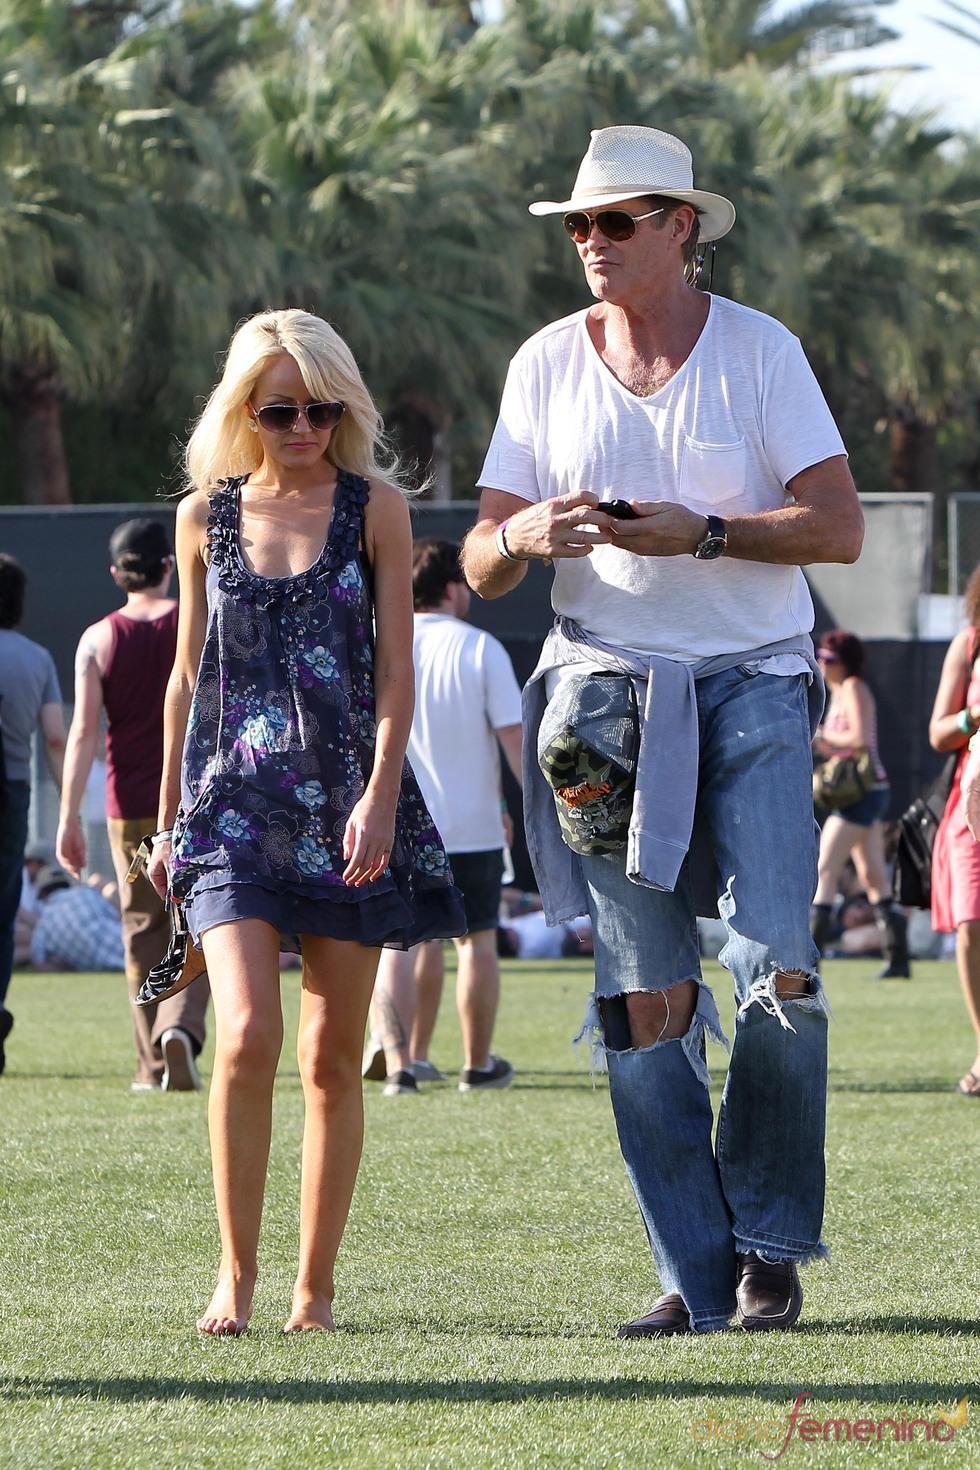 David Hasselhoff en el Festival de Coachella 2011